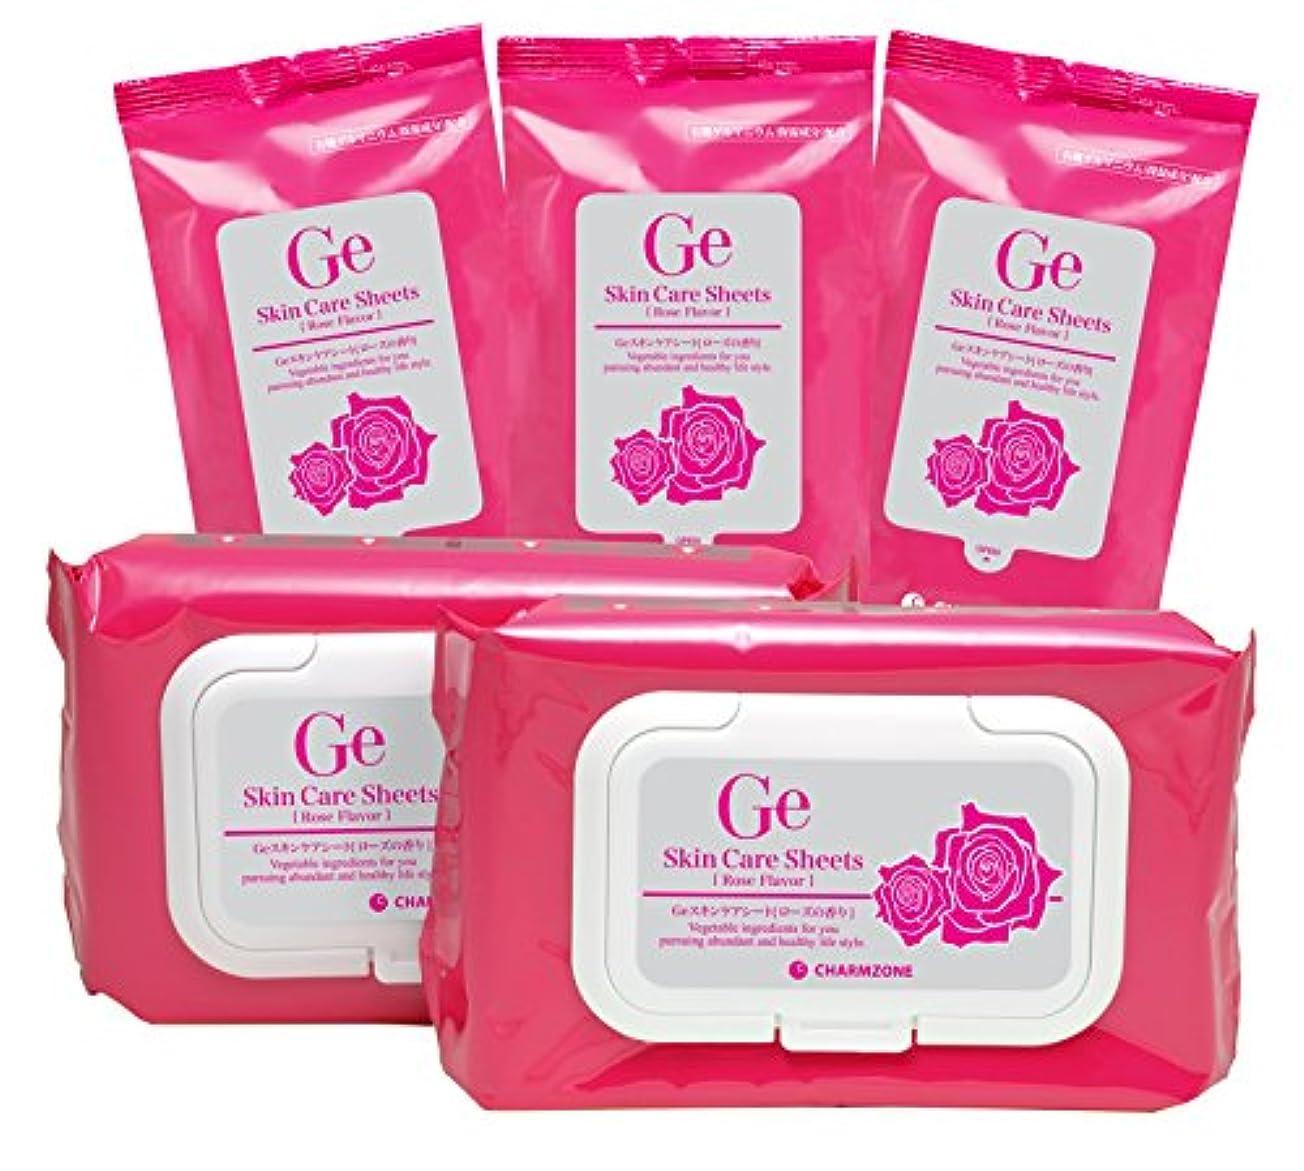 パケット味方全国CHARM ZONE(チャームゾーン) Geスキンケアシート ローズの香り150枚入 人気韓国コスメ! クレンジングもスキンケアもこれ1枚でOK!